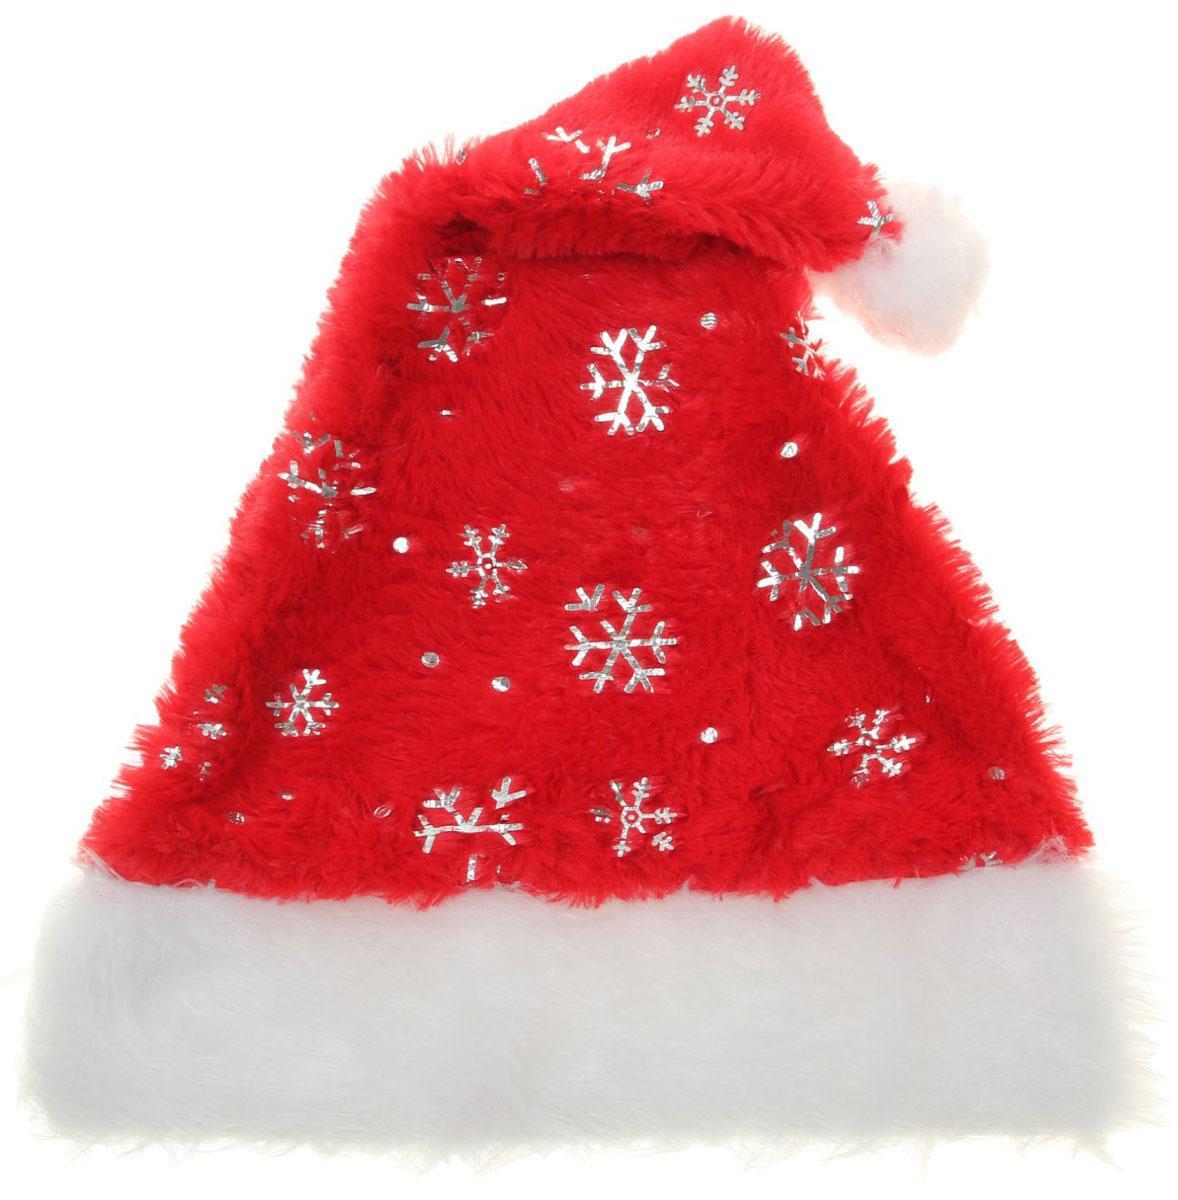 Колпак новогодний Ворс с серебряными снежинками, 28 см х 40 см. 13906511390651Поддайтесь новогоднему веселью на полную катушку! Забавный колпак в секундусоздаст праздничное настроение, будь то поздравление ребятишек иливечеринка с друзьями. Размер изделия универсальный: аксессуар подойдет какдля ребенка, так и для взрослого. А мягкий текстиль позволит носить колпак скомфортом на протяжении всей новогодней ночи.